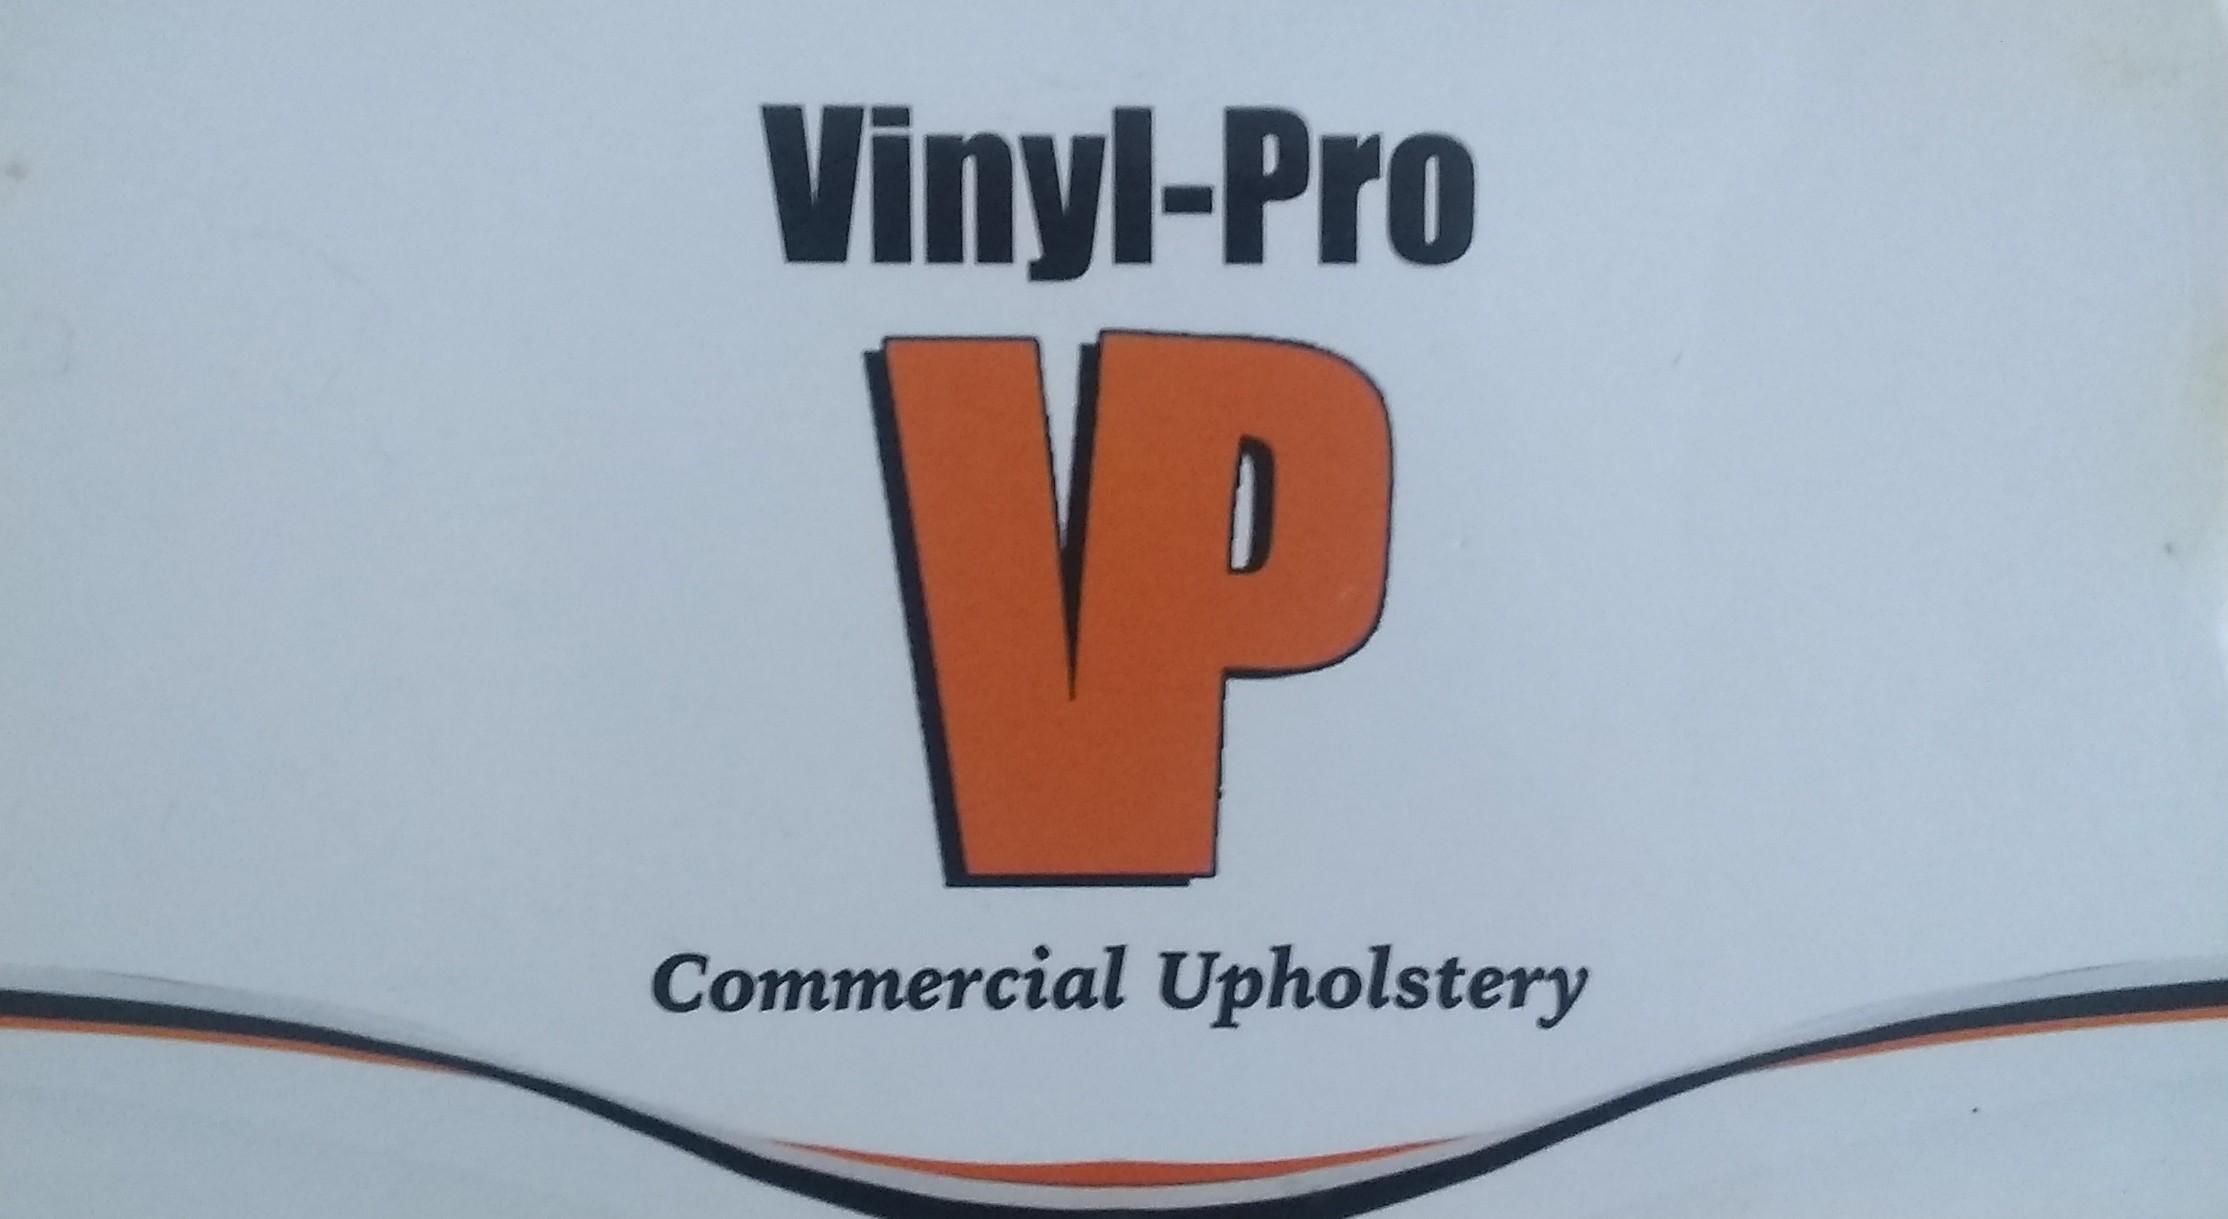 Vinyl Pro Restaurant Upholstery